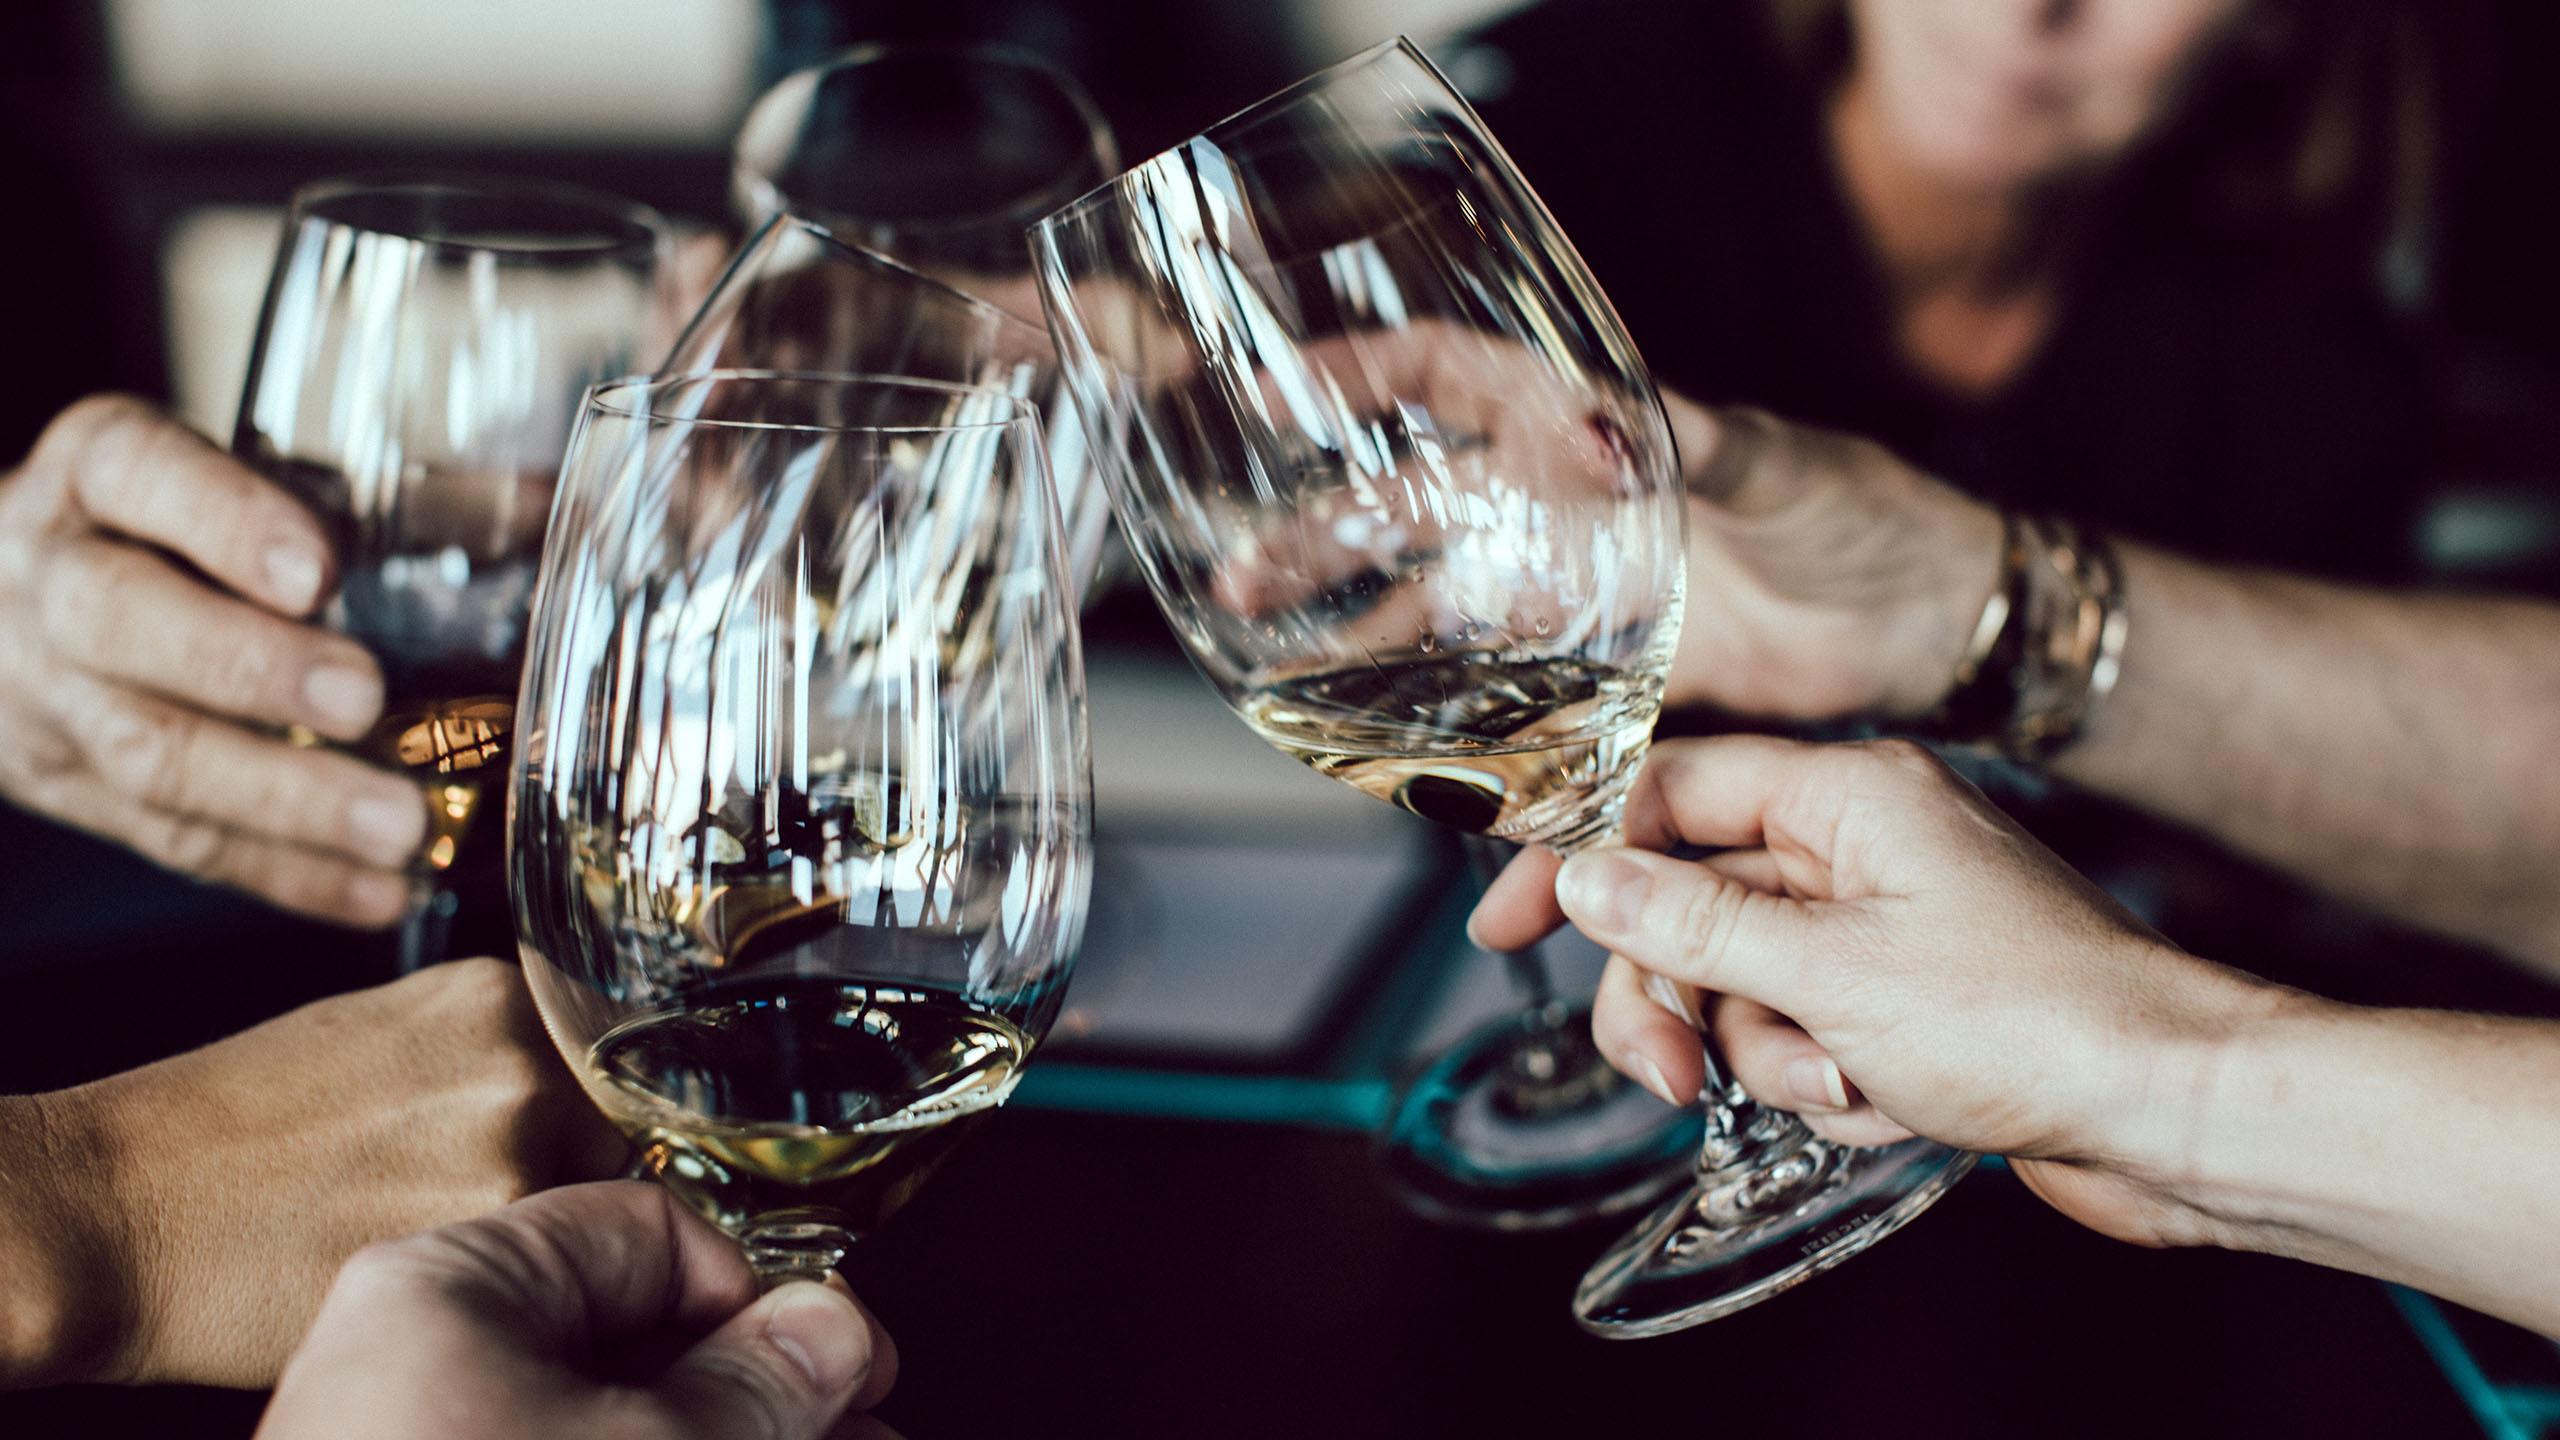 vino, copa de vino, vino tinto, vino blanco